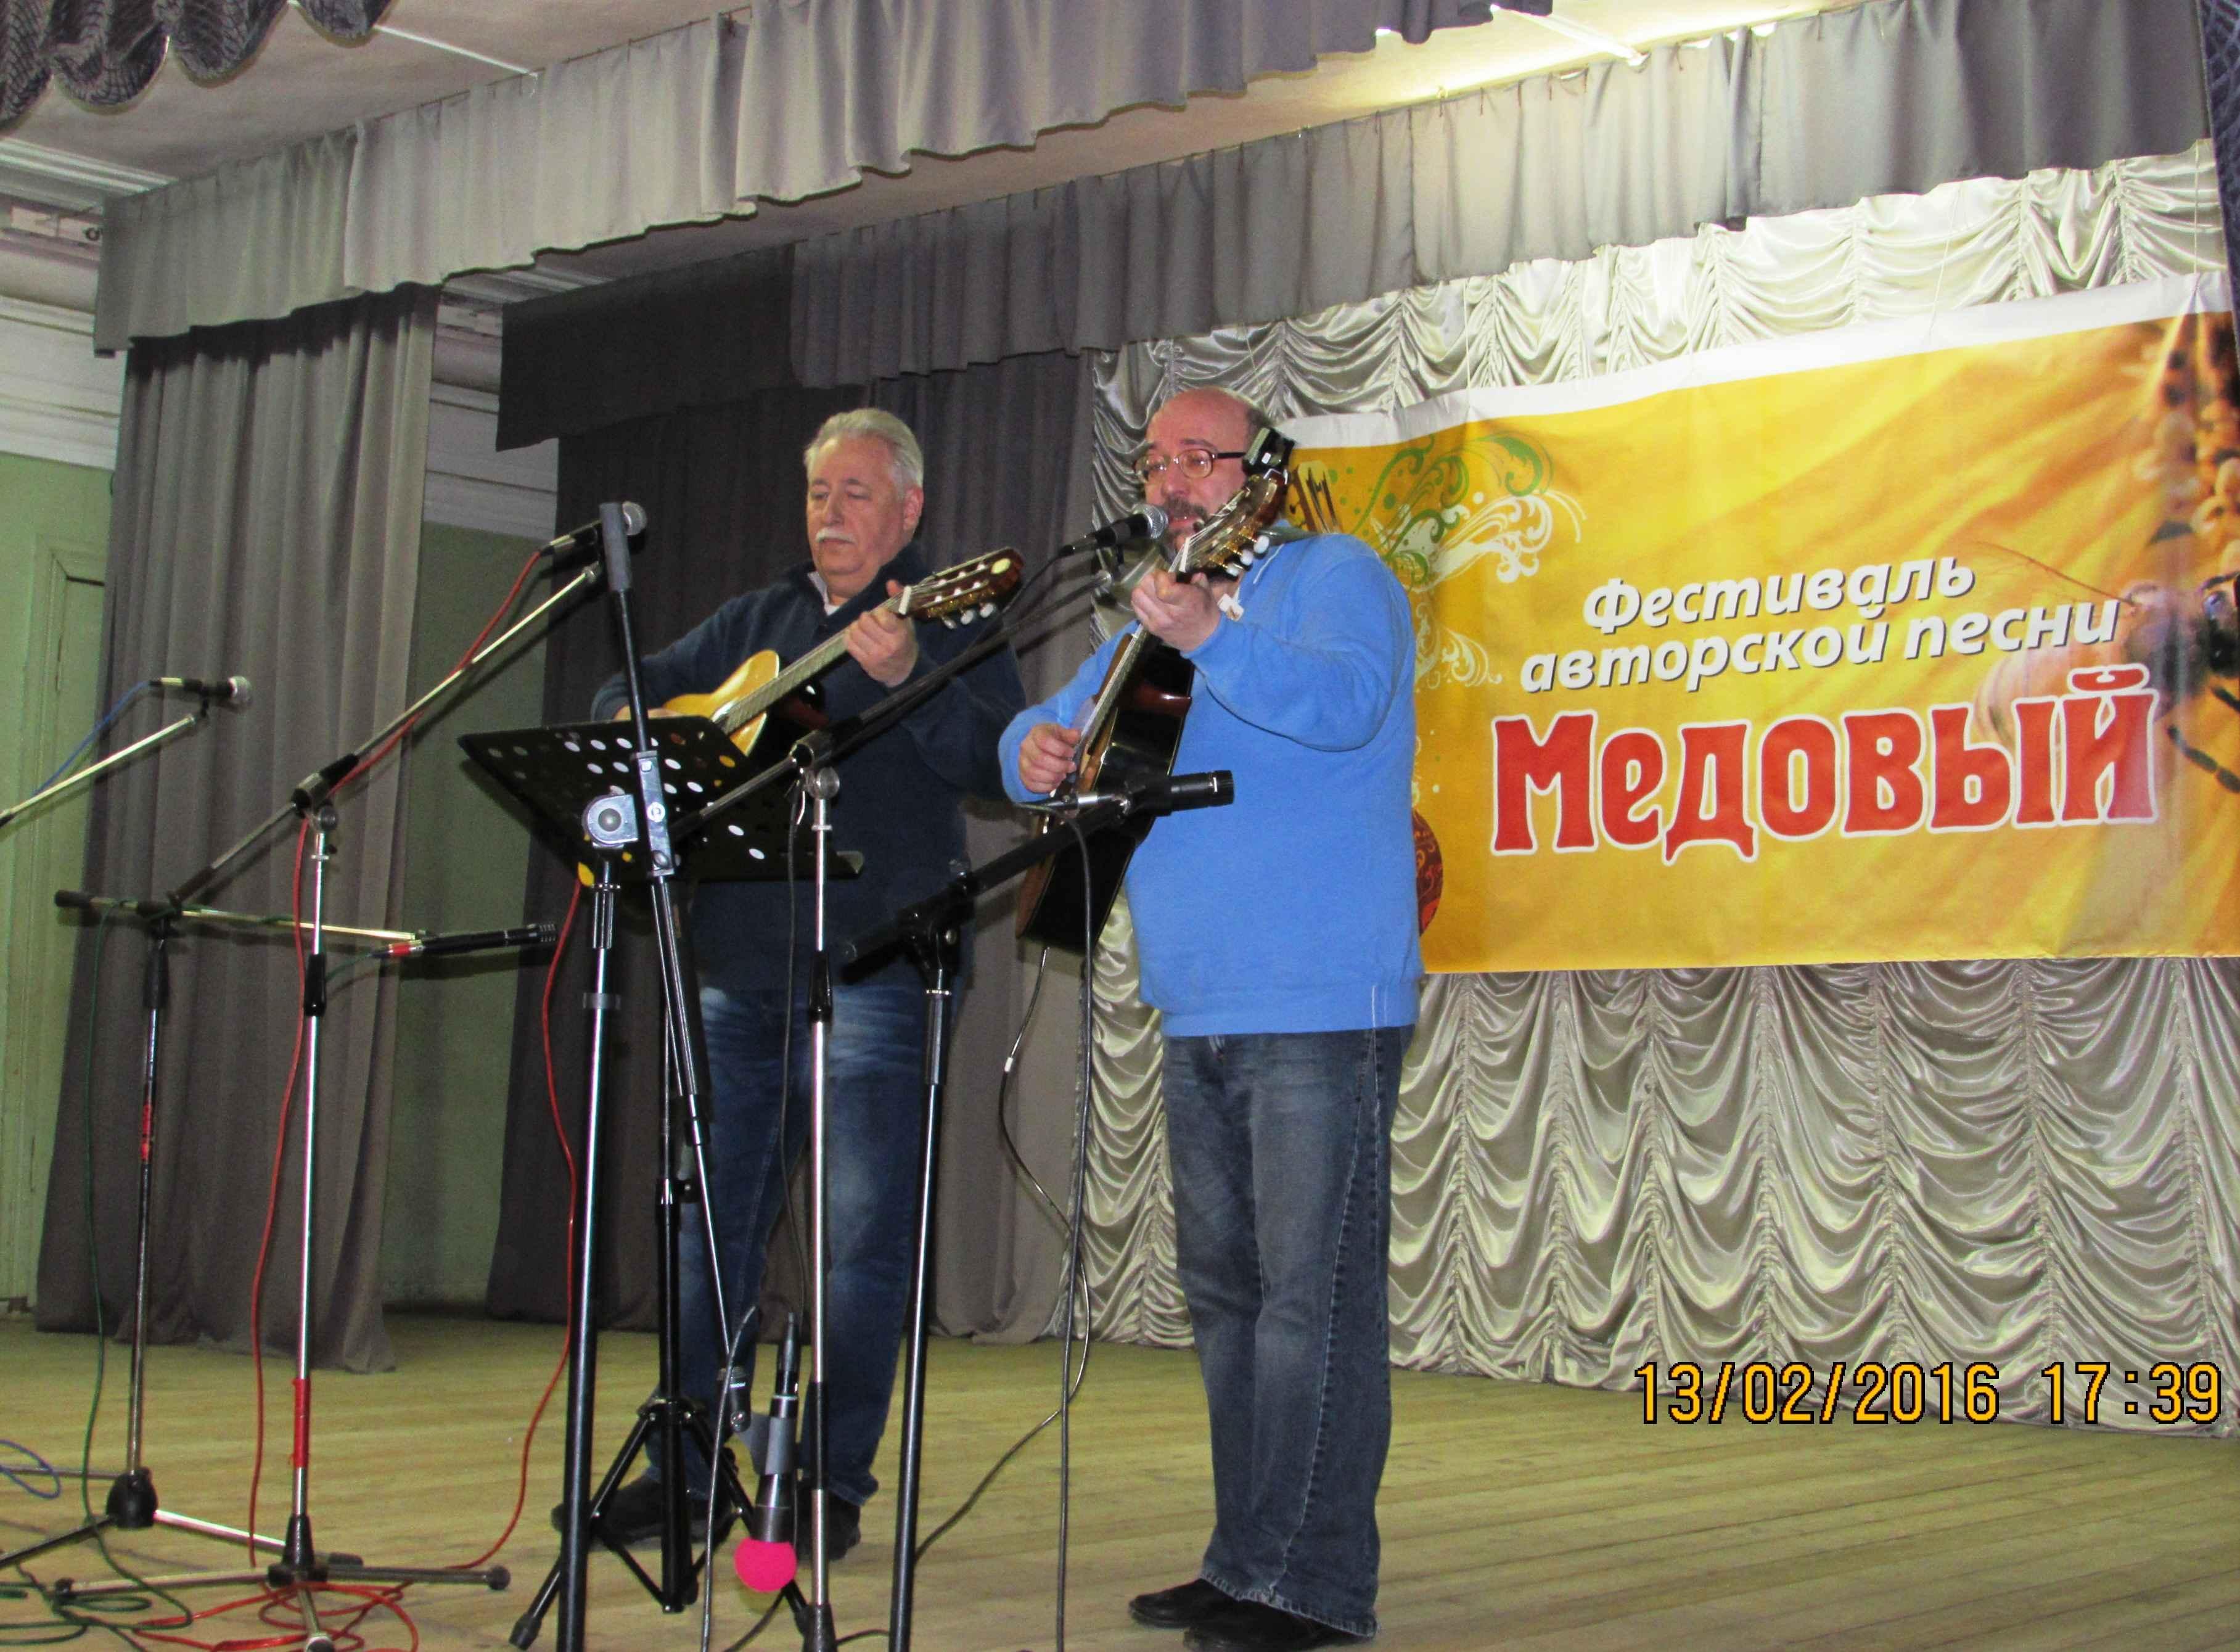 Фестиваль, г. Кондрово, 2016 г.